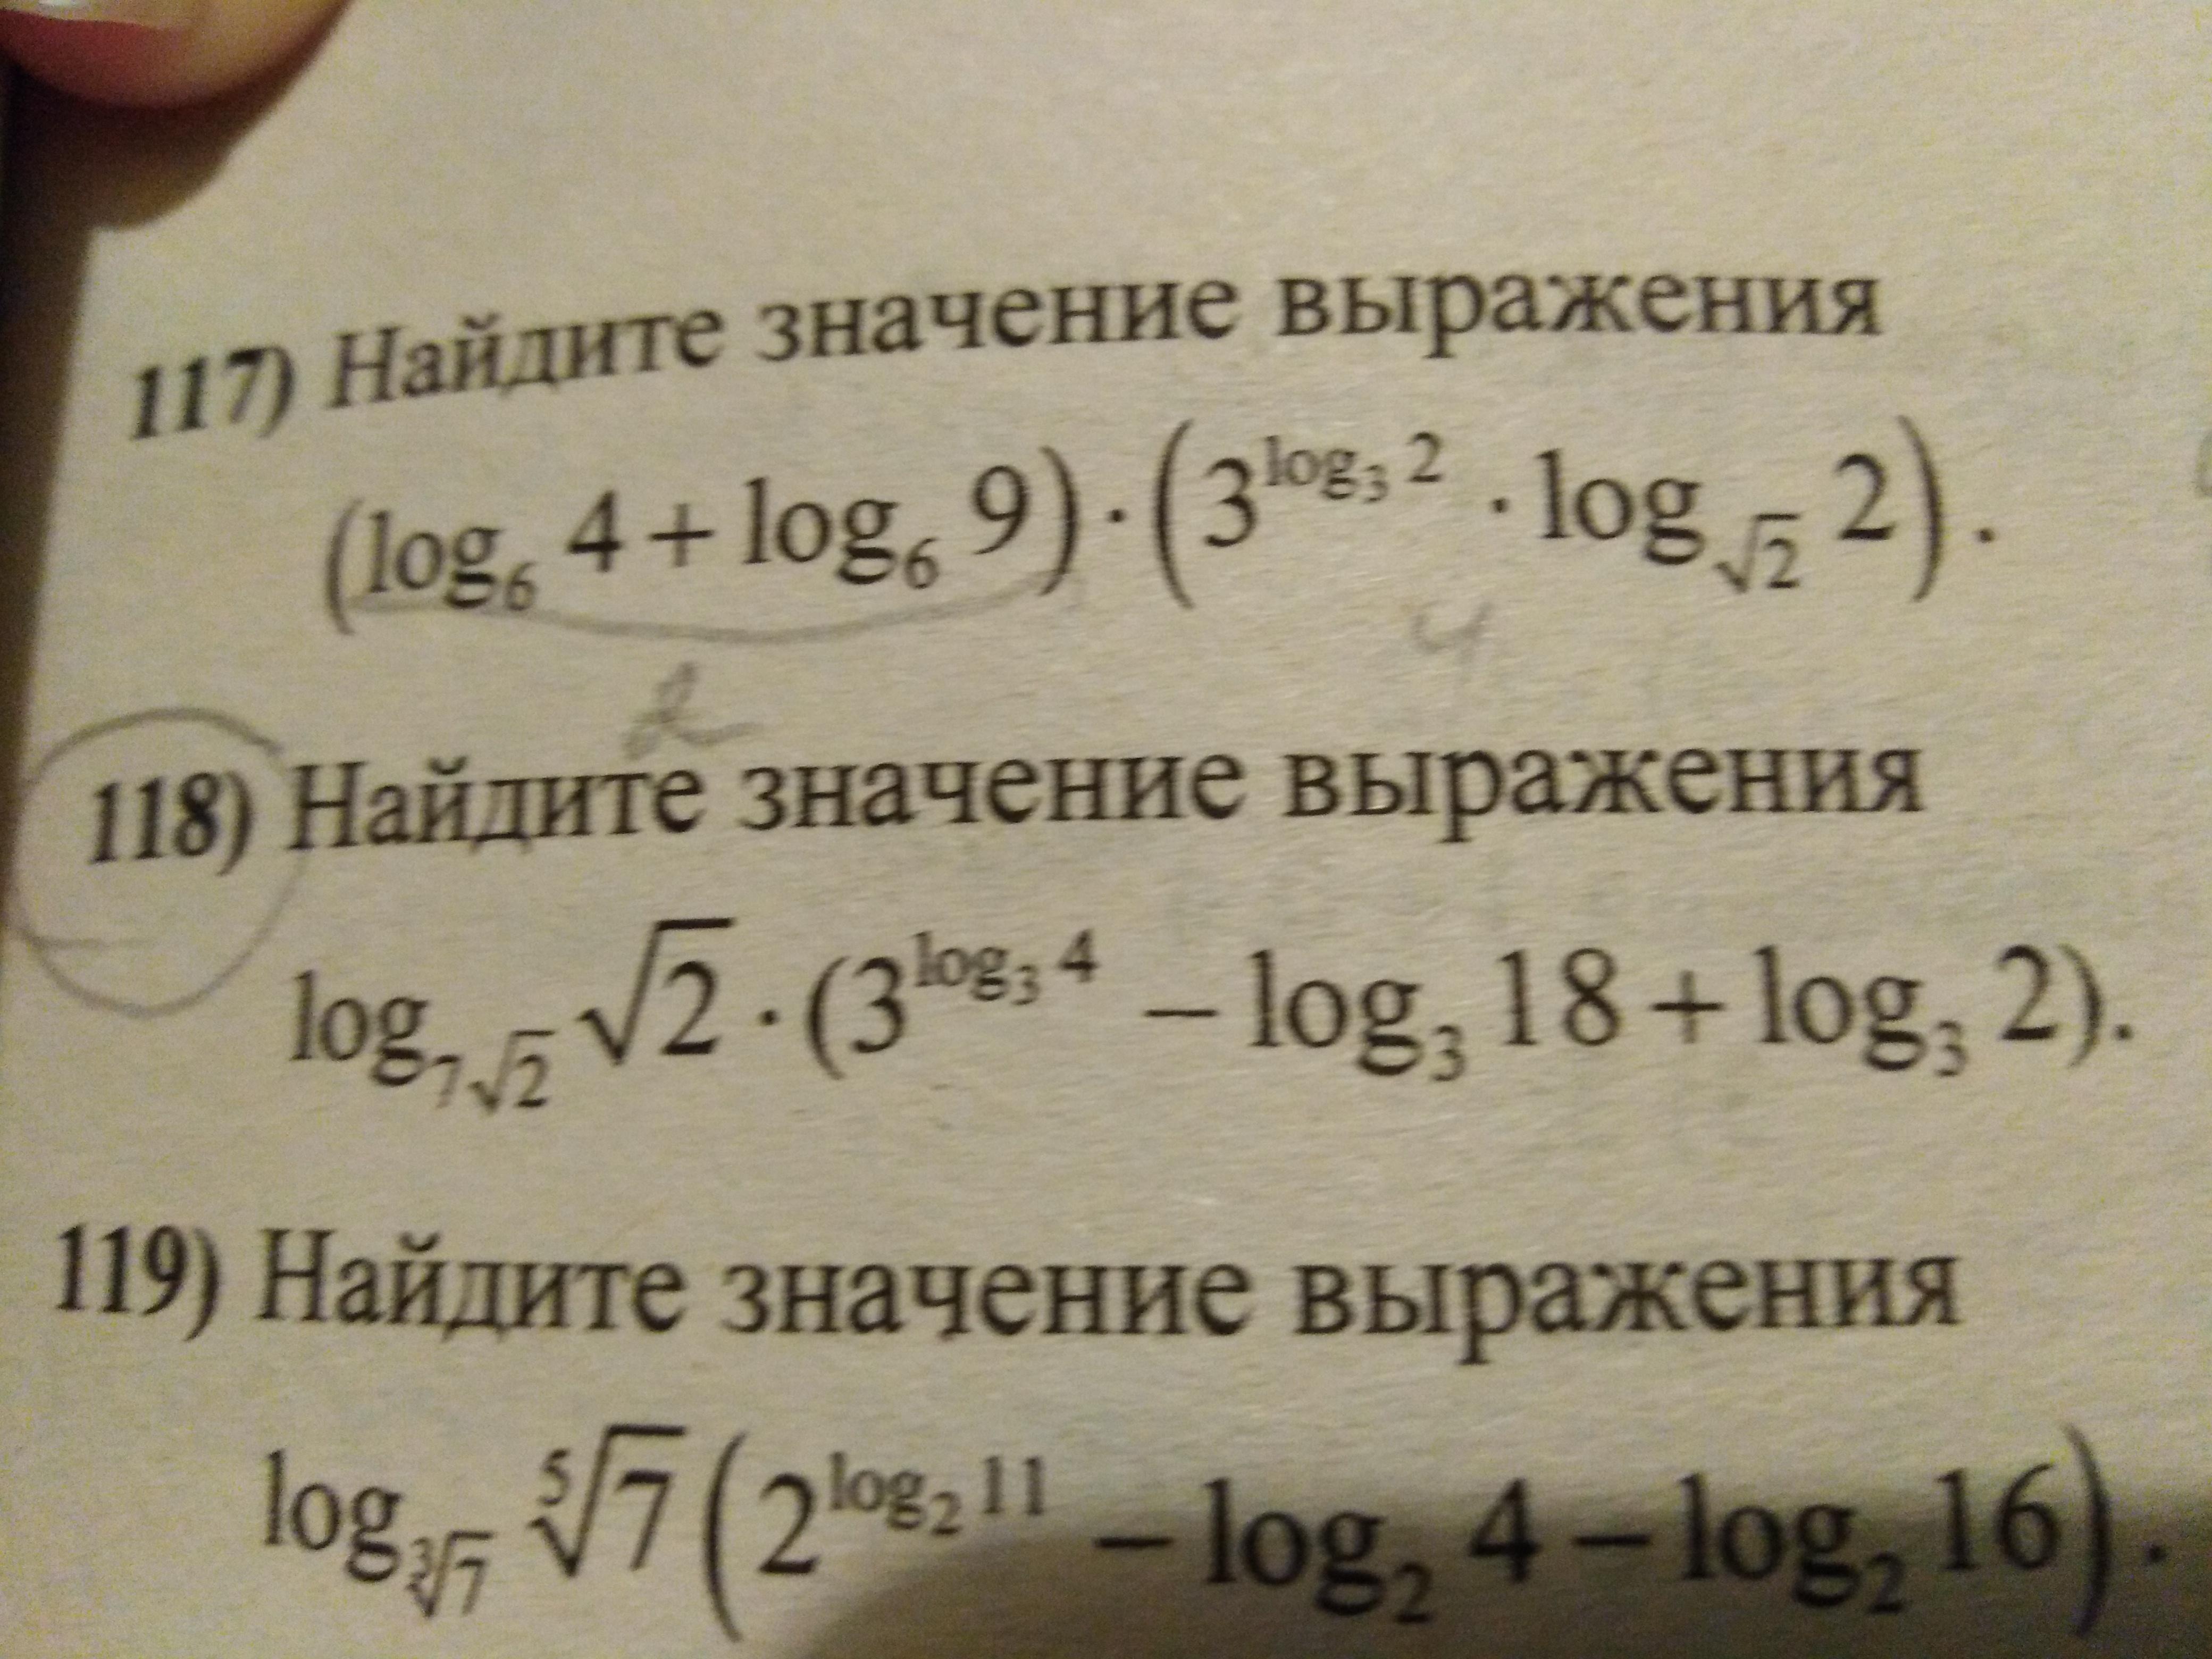 Объясните подробно пожалуйста 118й